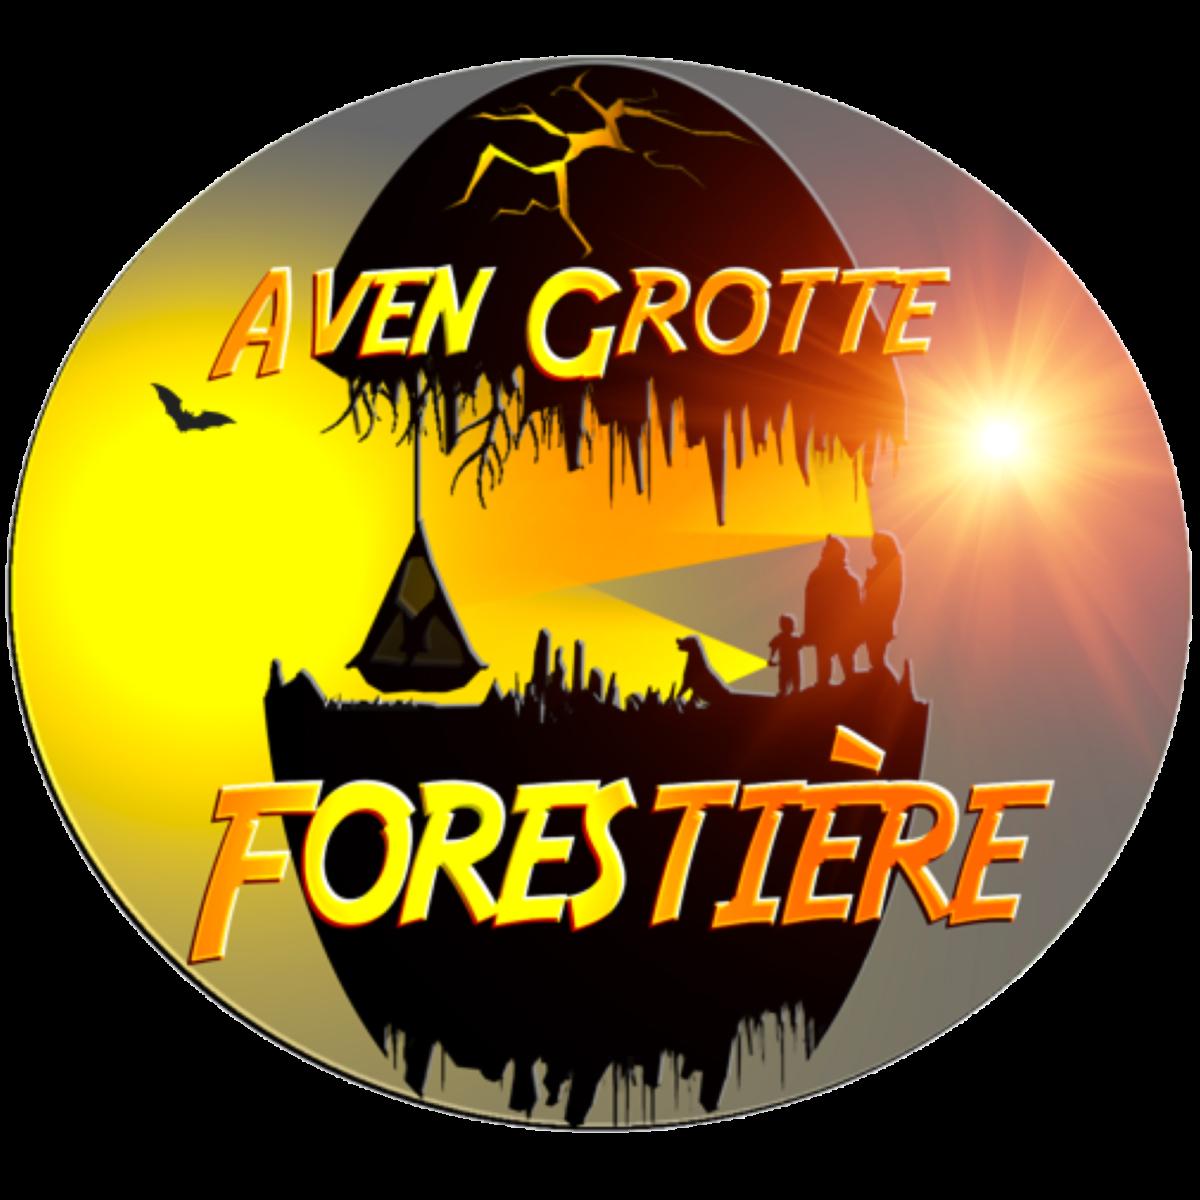 Grotte forestière logo avec soleil